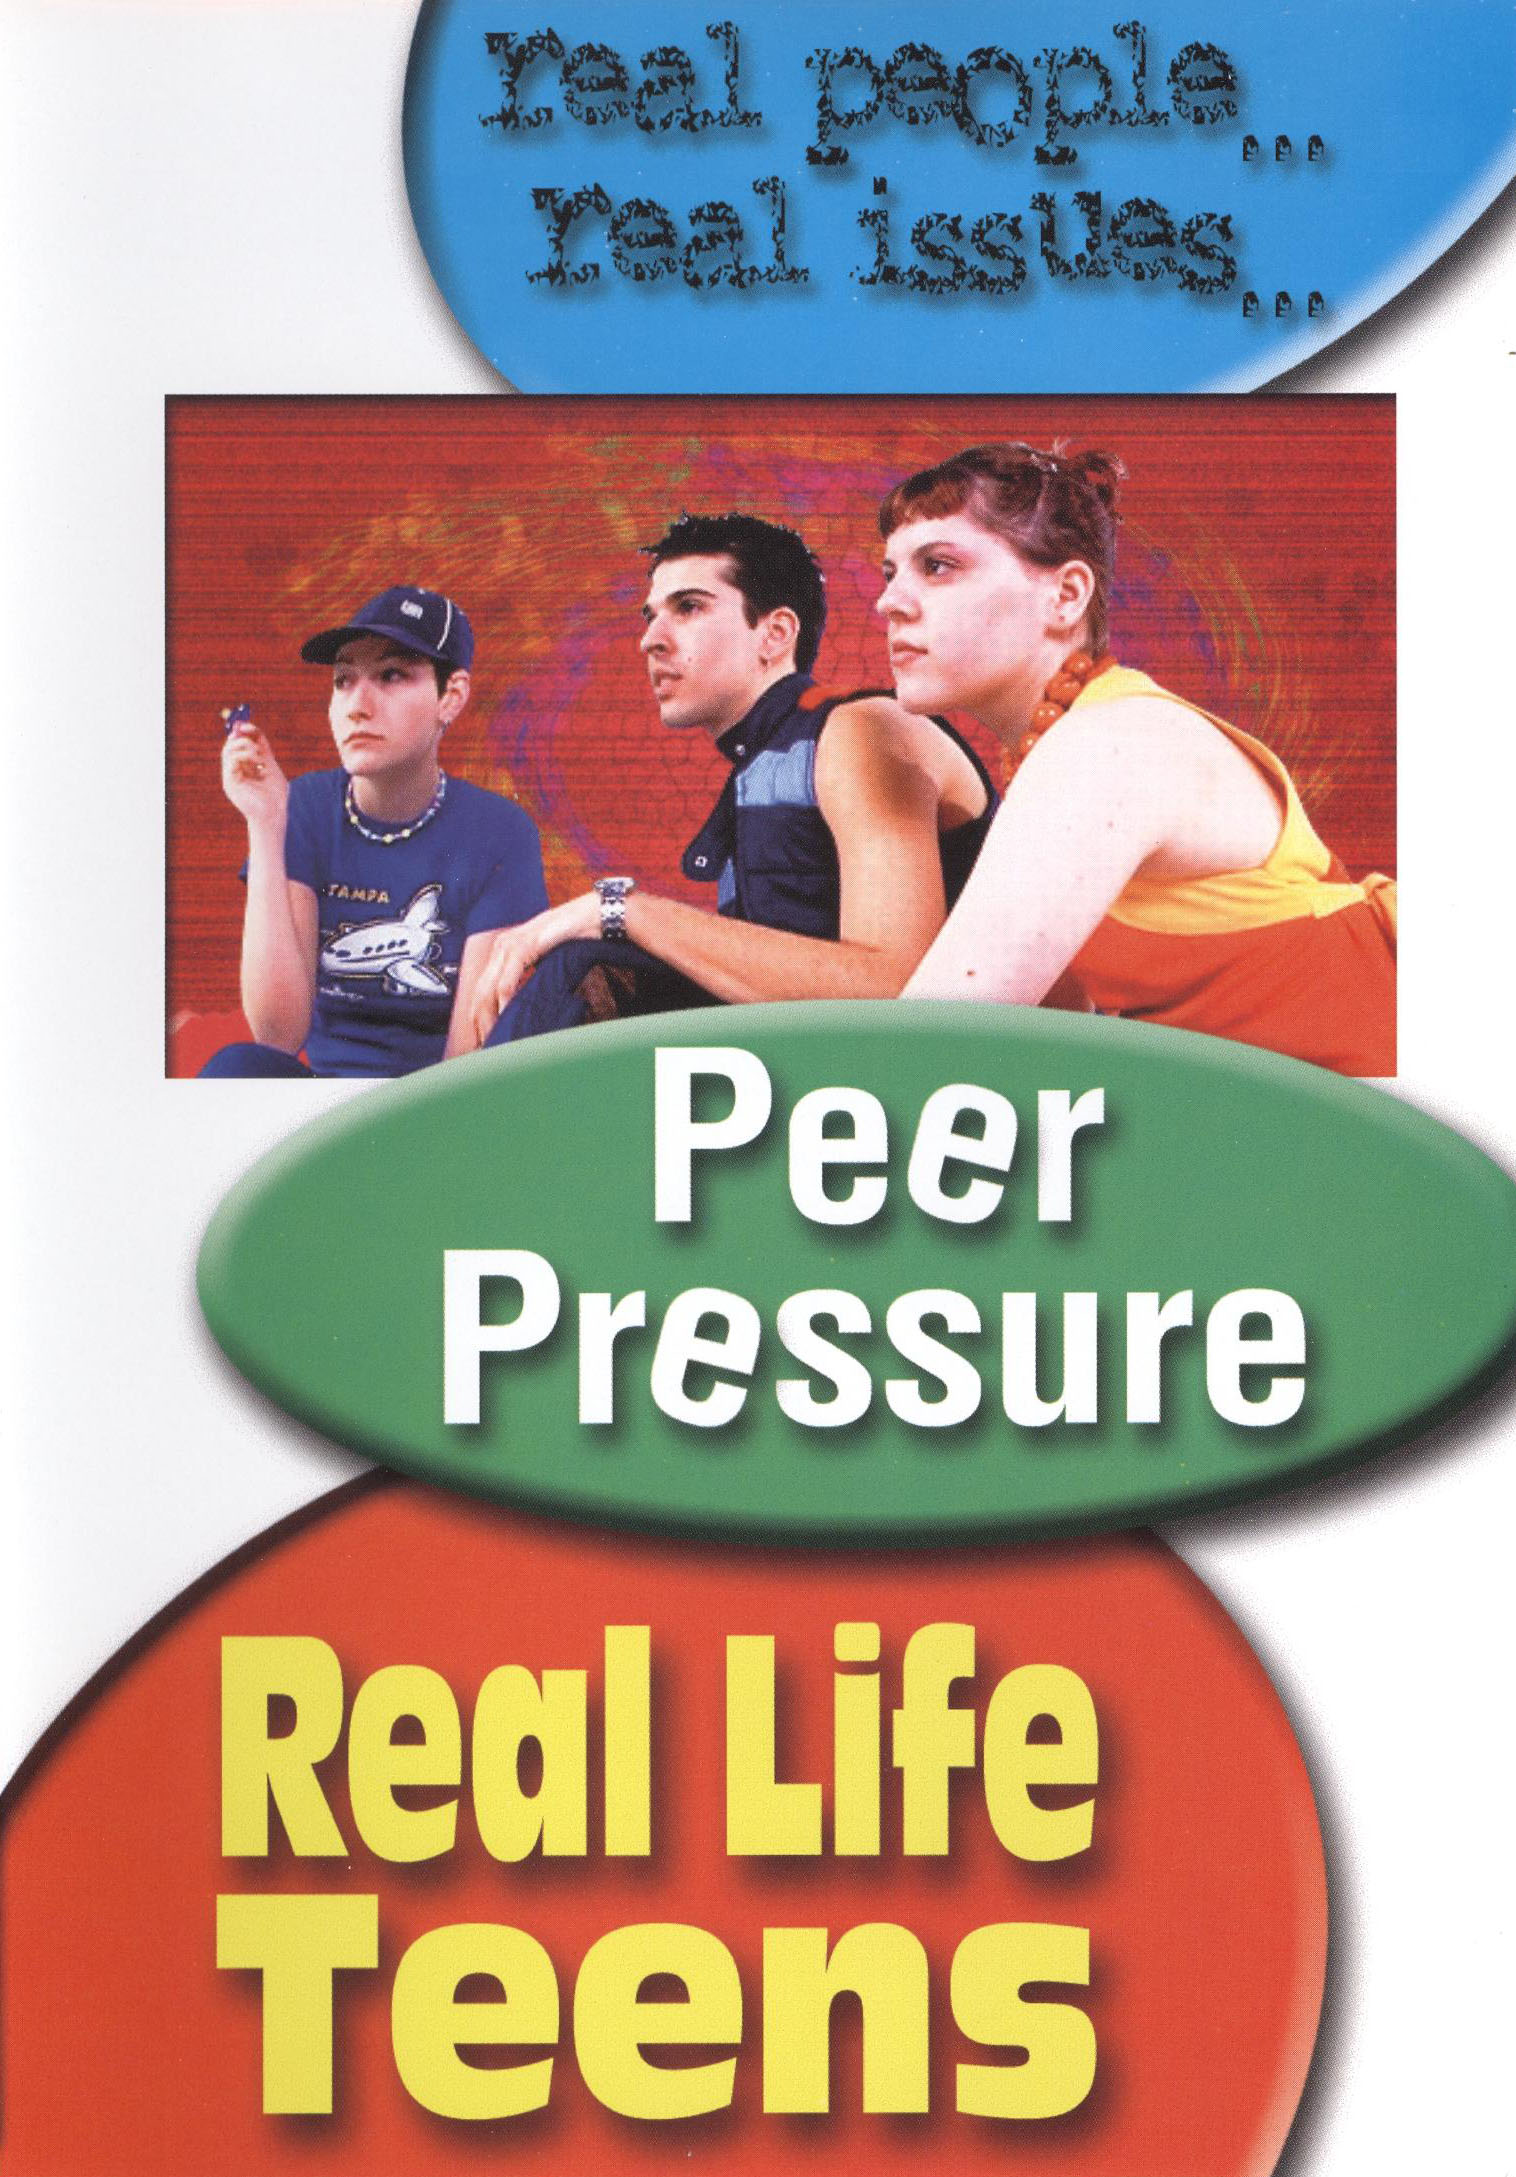 Real Life Teens Videos Peer 14